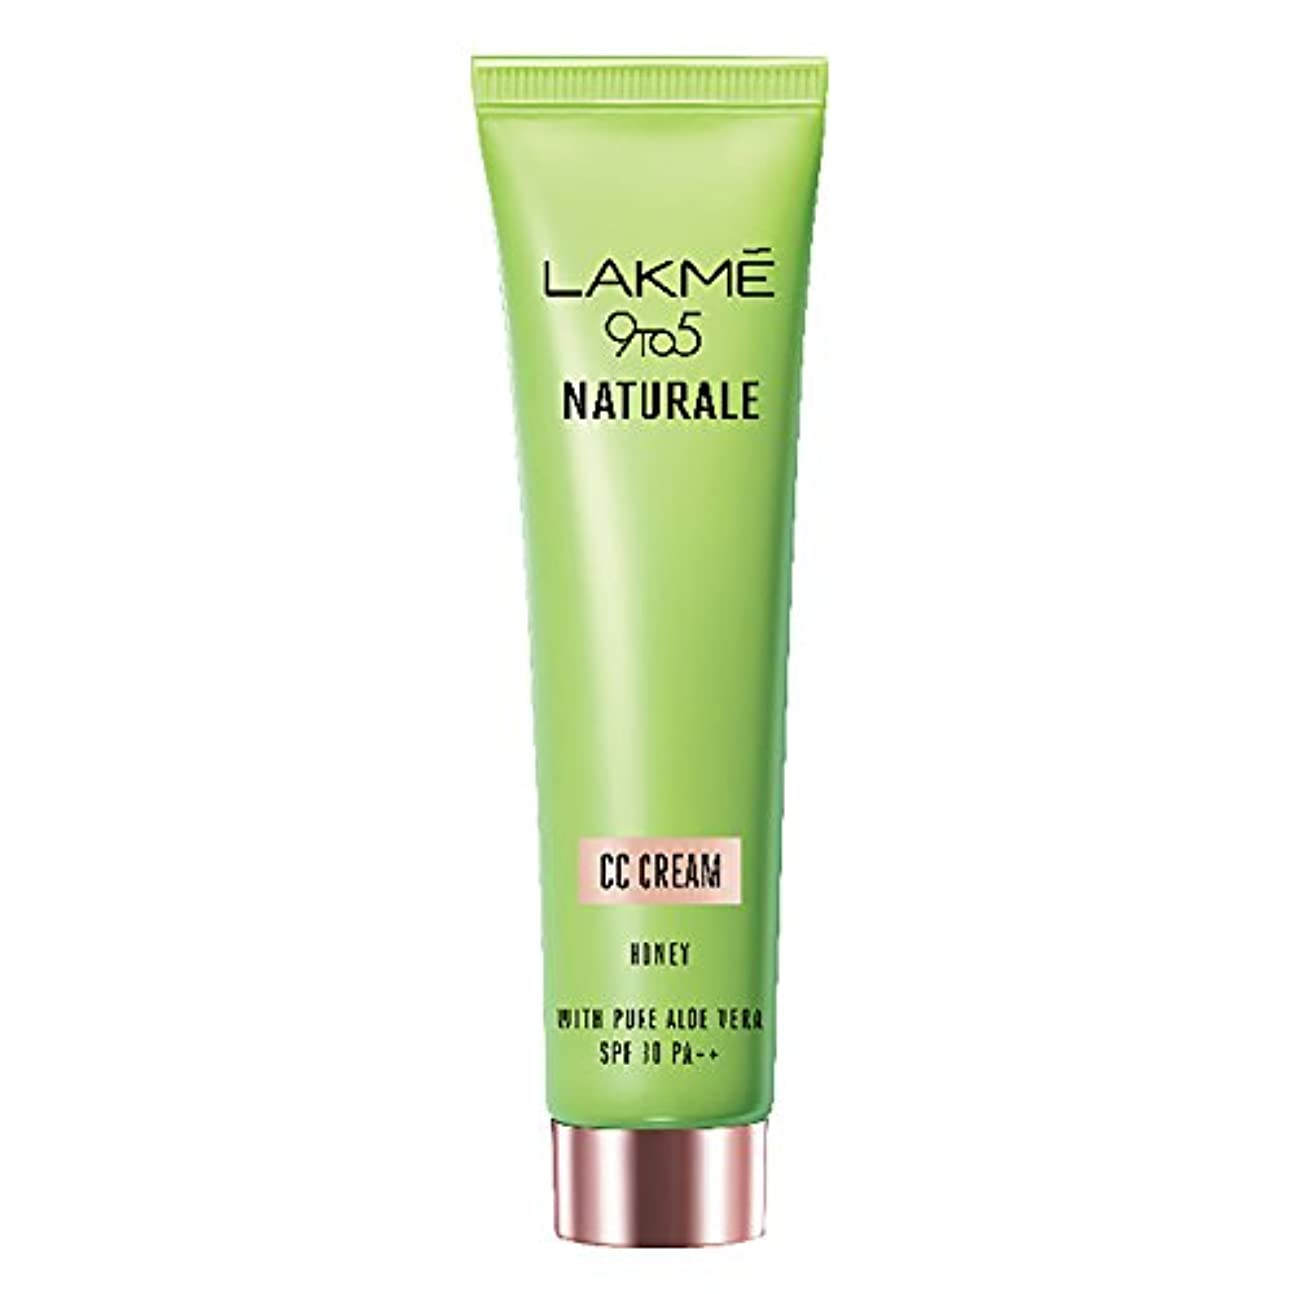 優勢誤解させるインタネットを見るLakme 9 to 5 Naturale CC Cream, Honey, 30g